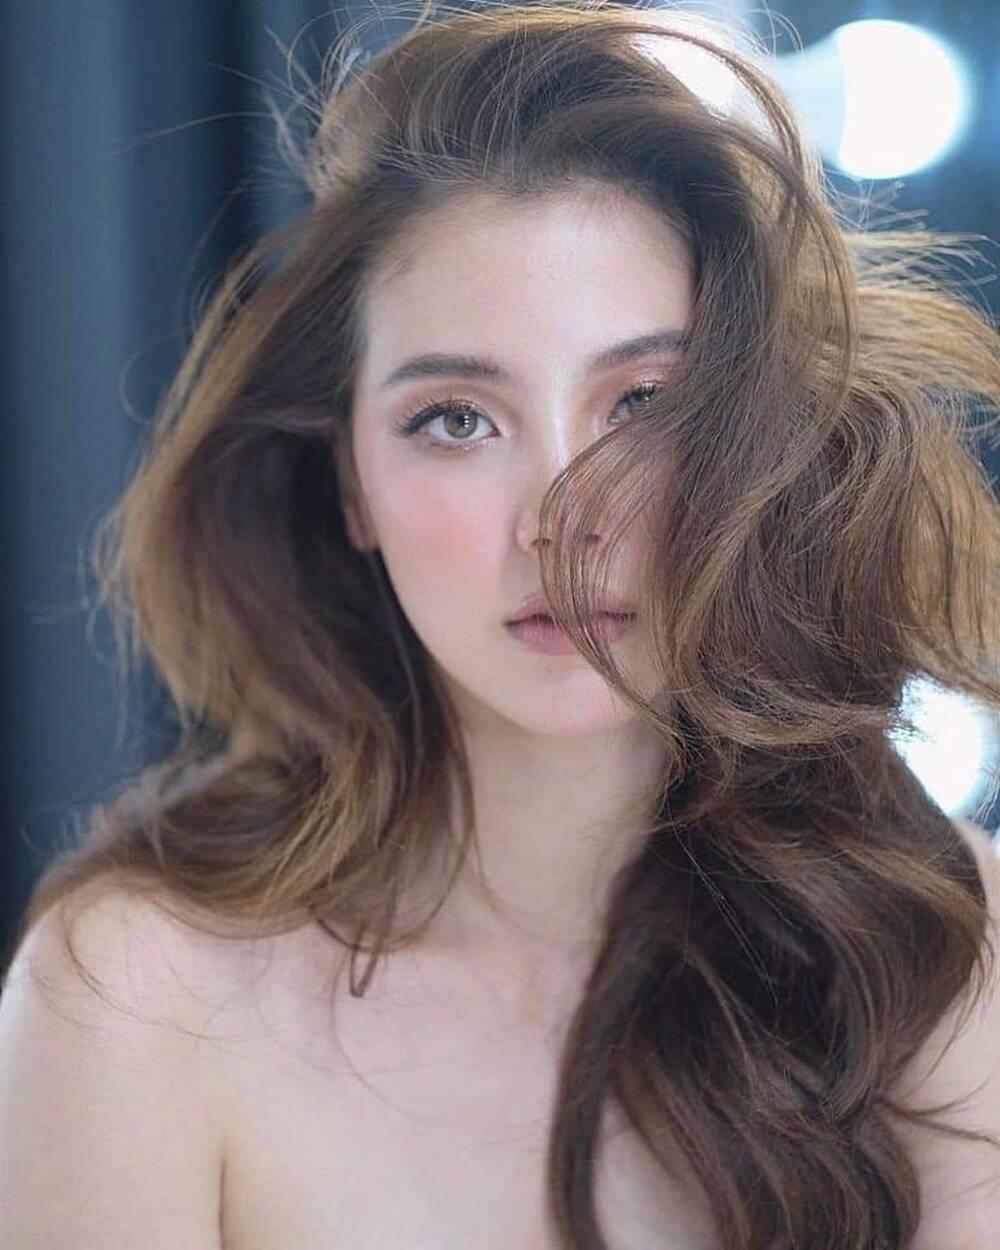 Mỹ nhân 'Chiếc Lá Bay' Baifern dậy sóng mạng xã hội vì makeup tone Tây đẹp ngất ngây Ảnh 2